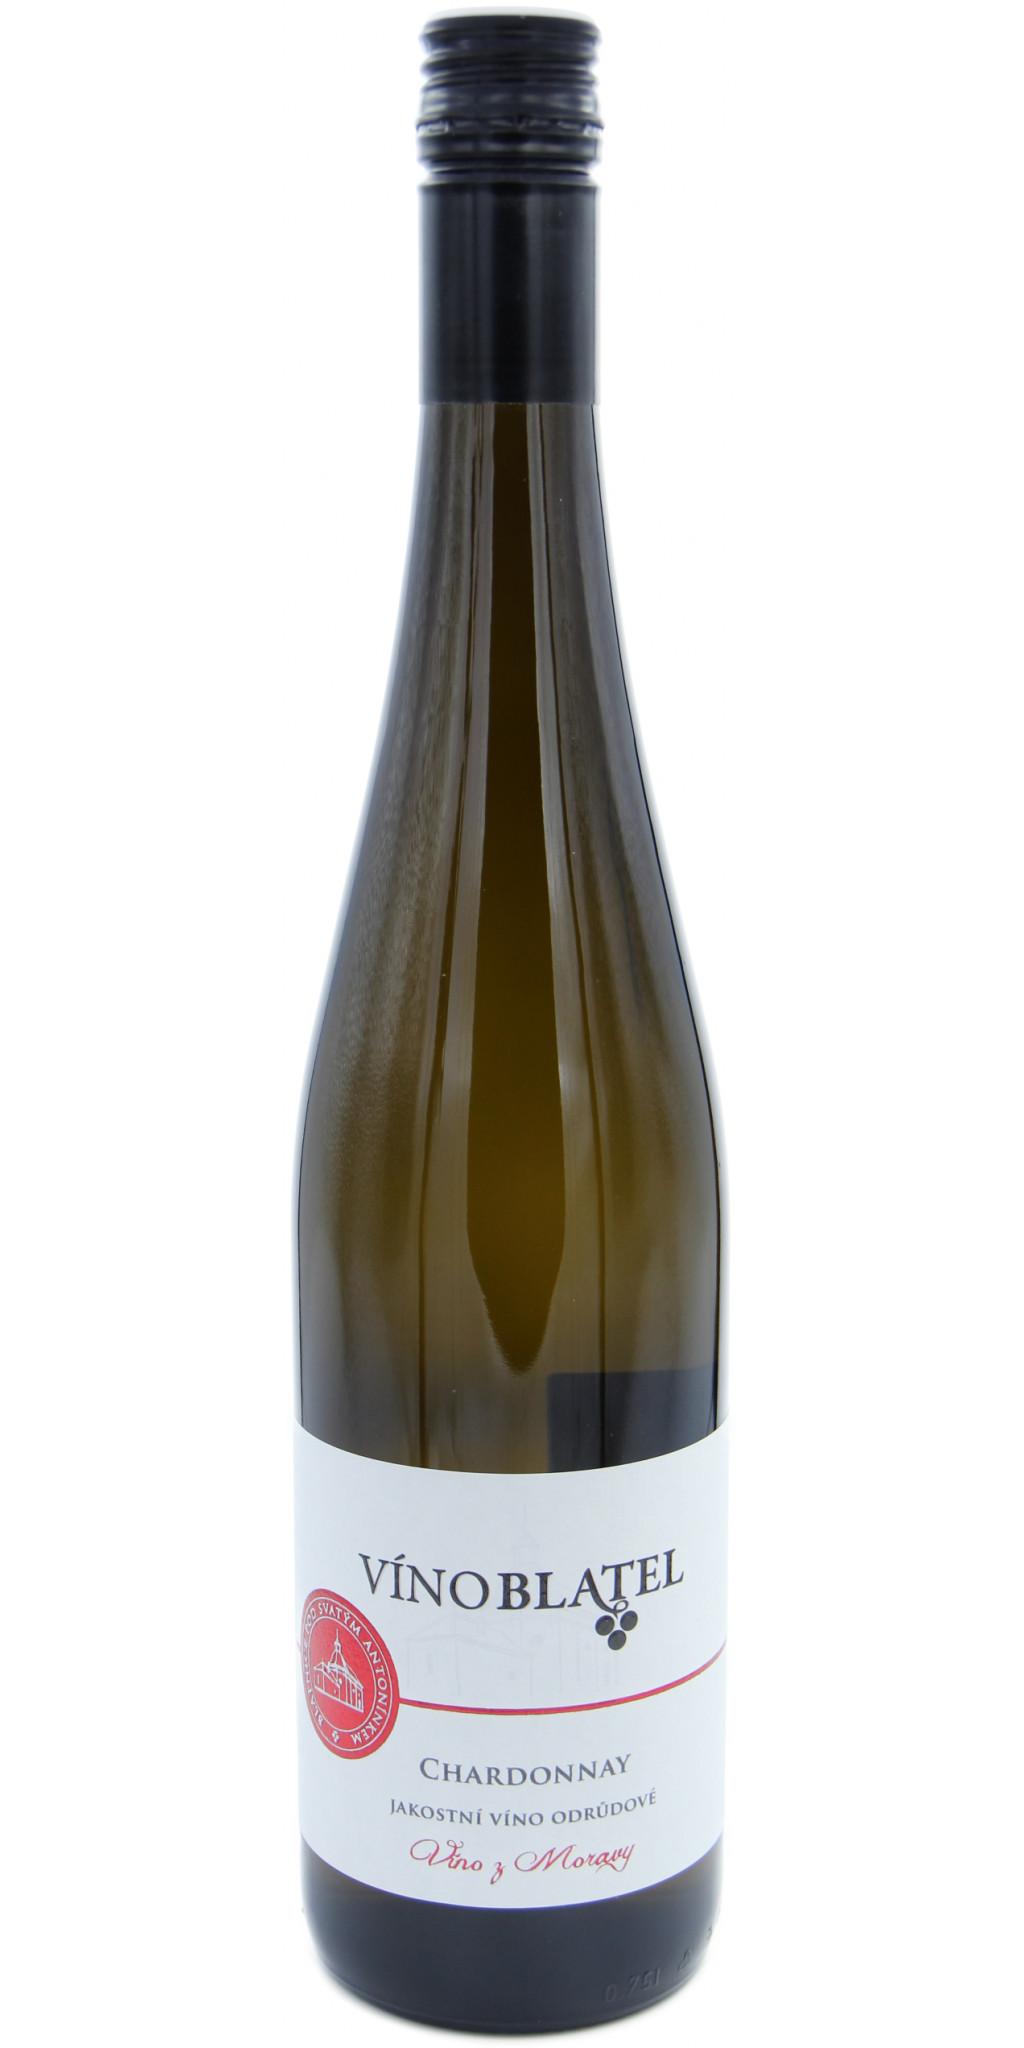 Chardonnay, polosuché, jakostní víno odrůdové